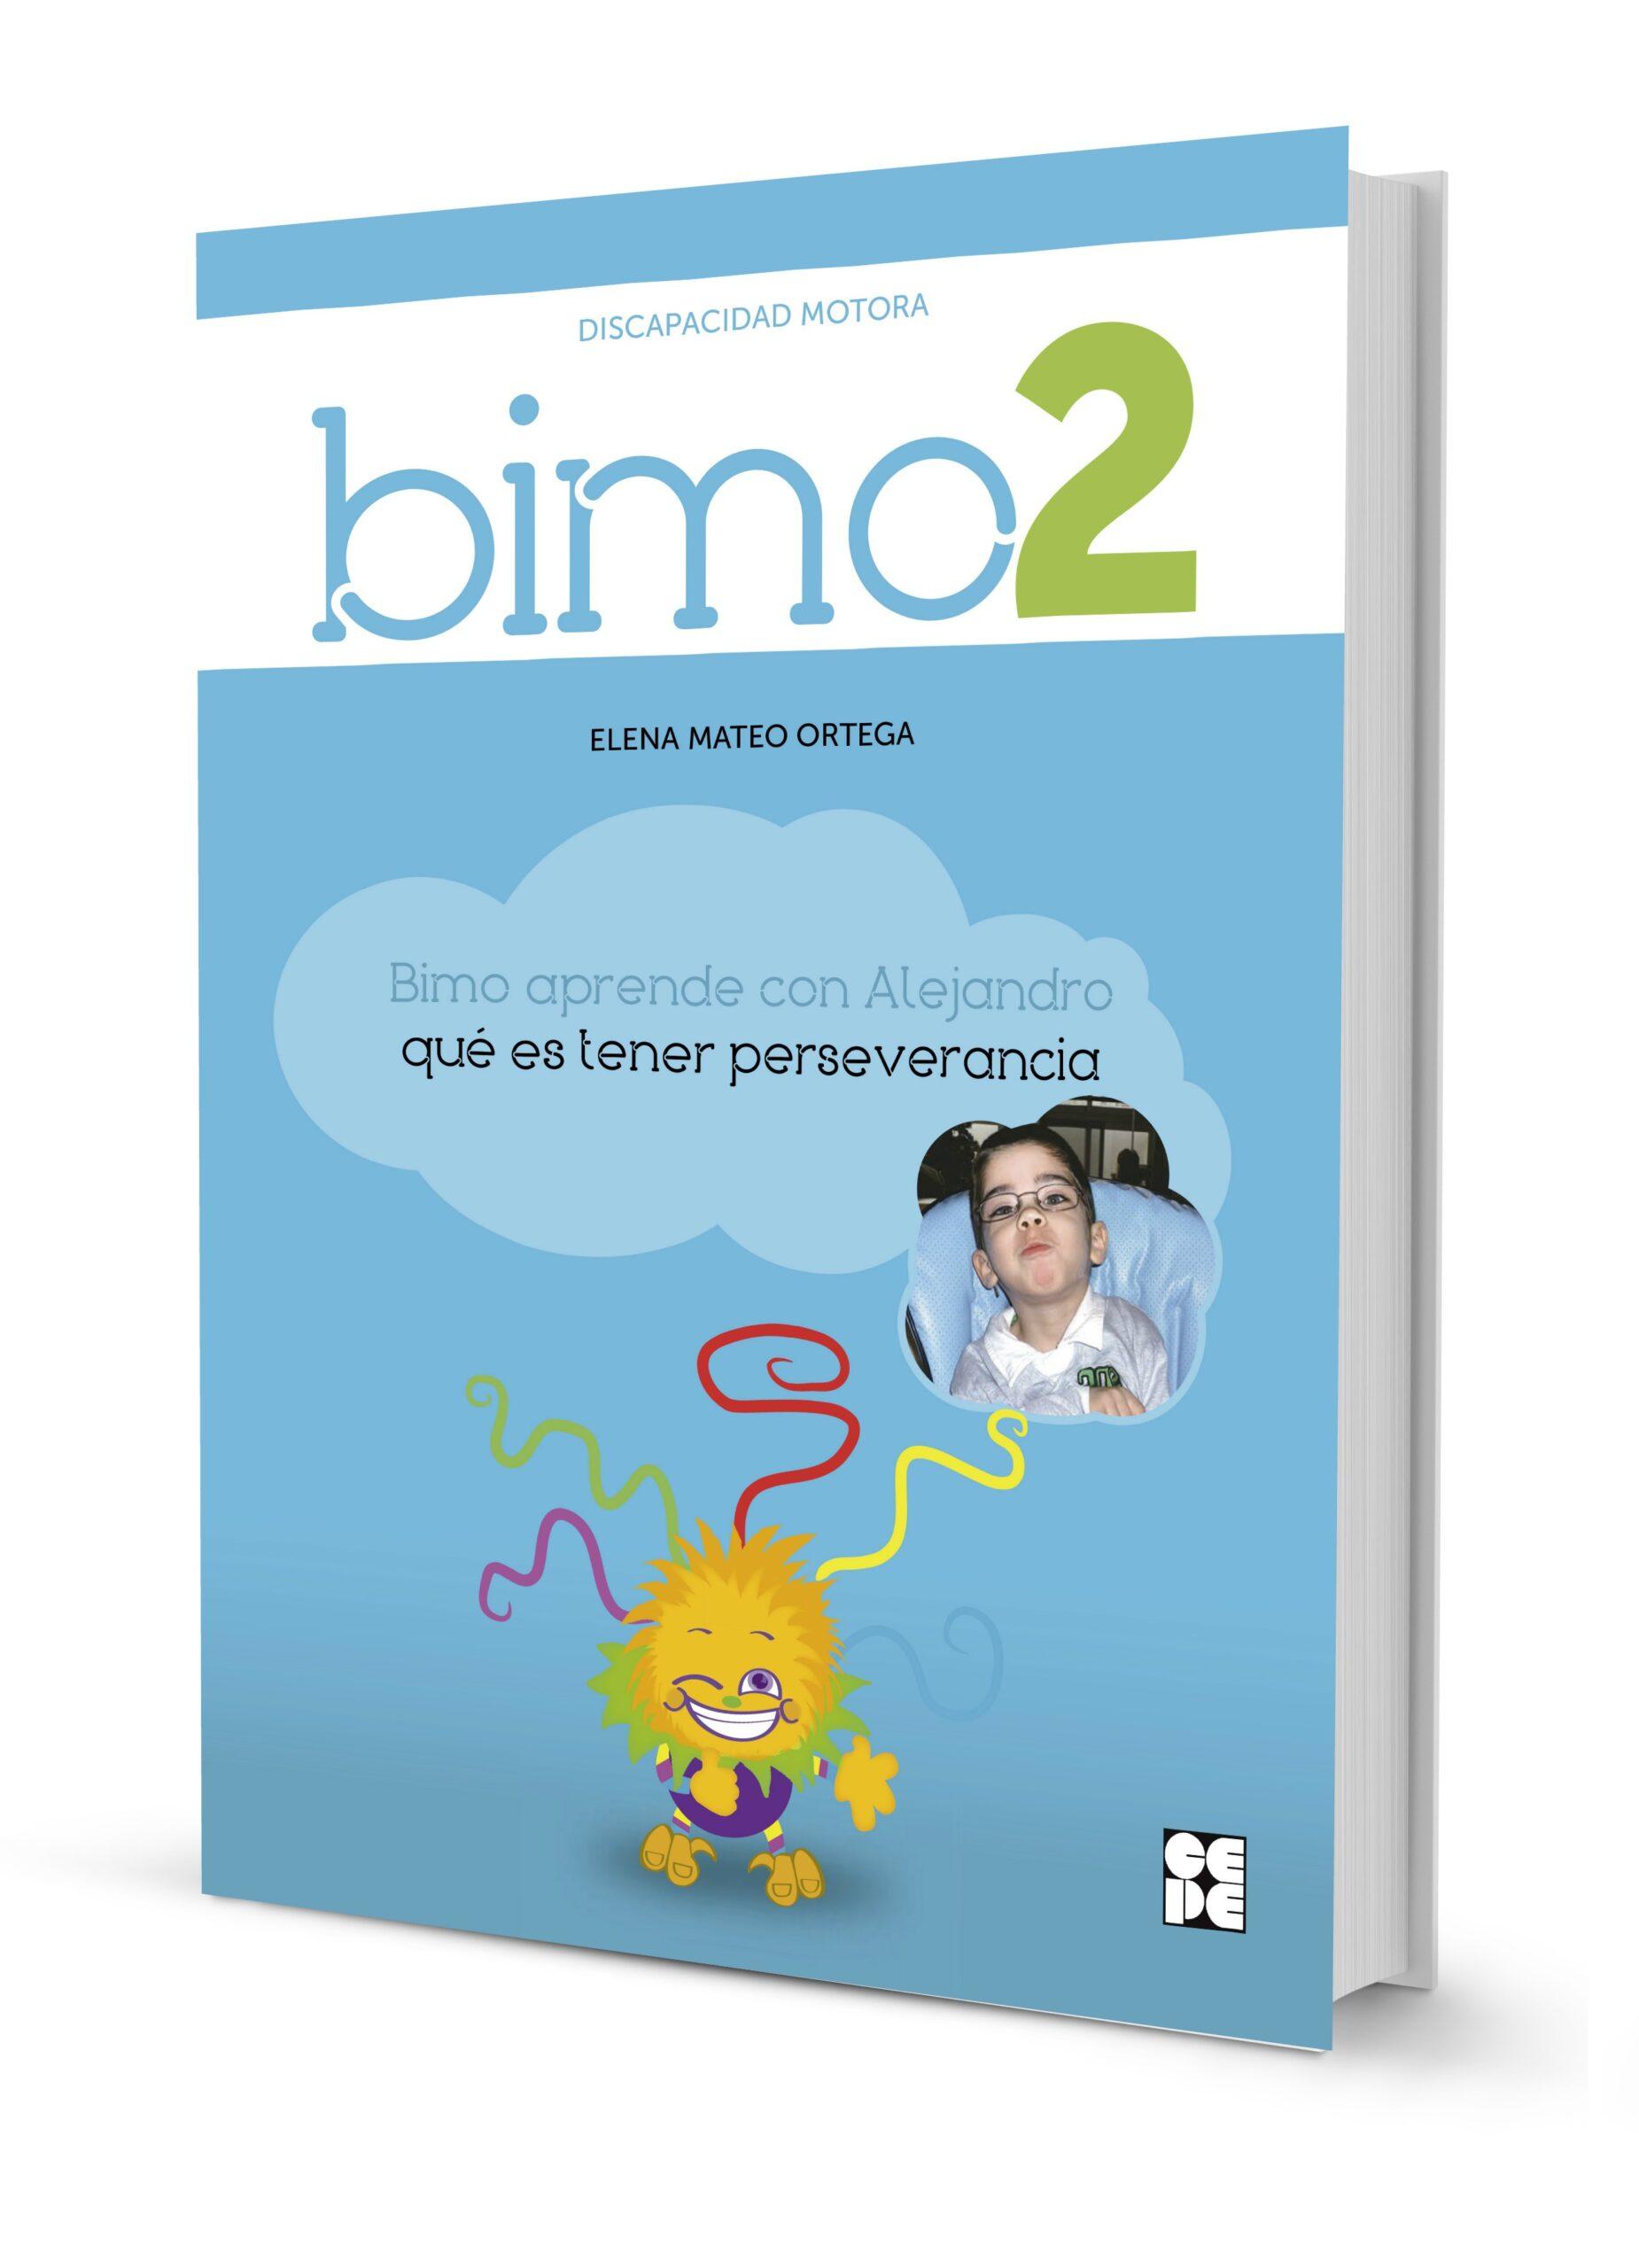 BIMO 2. (Discapacidad motora). Valor de la perseverancia